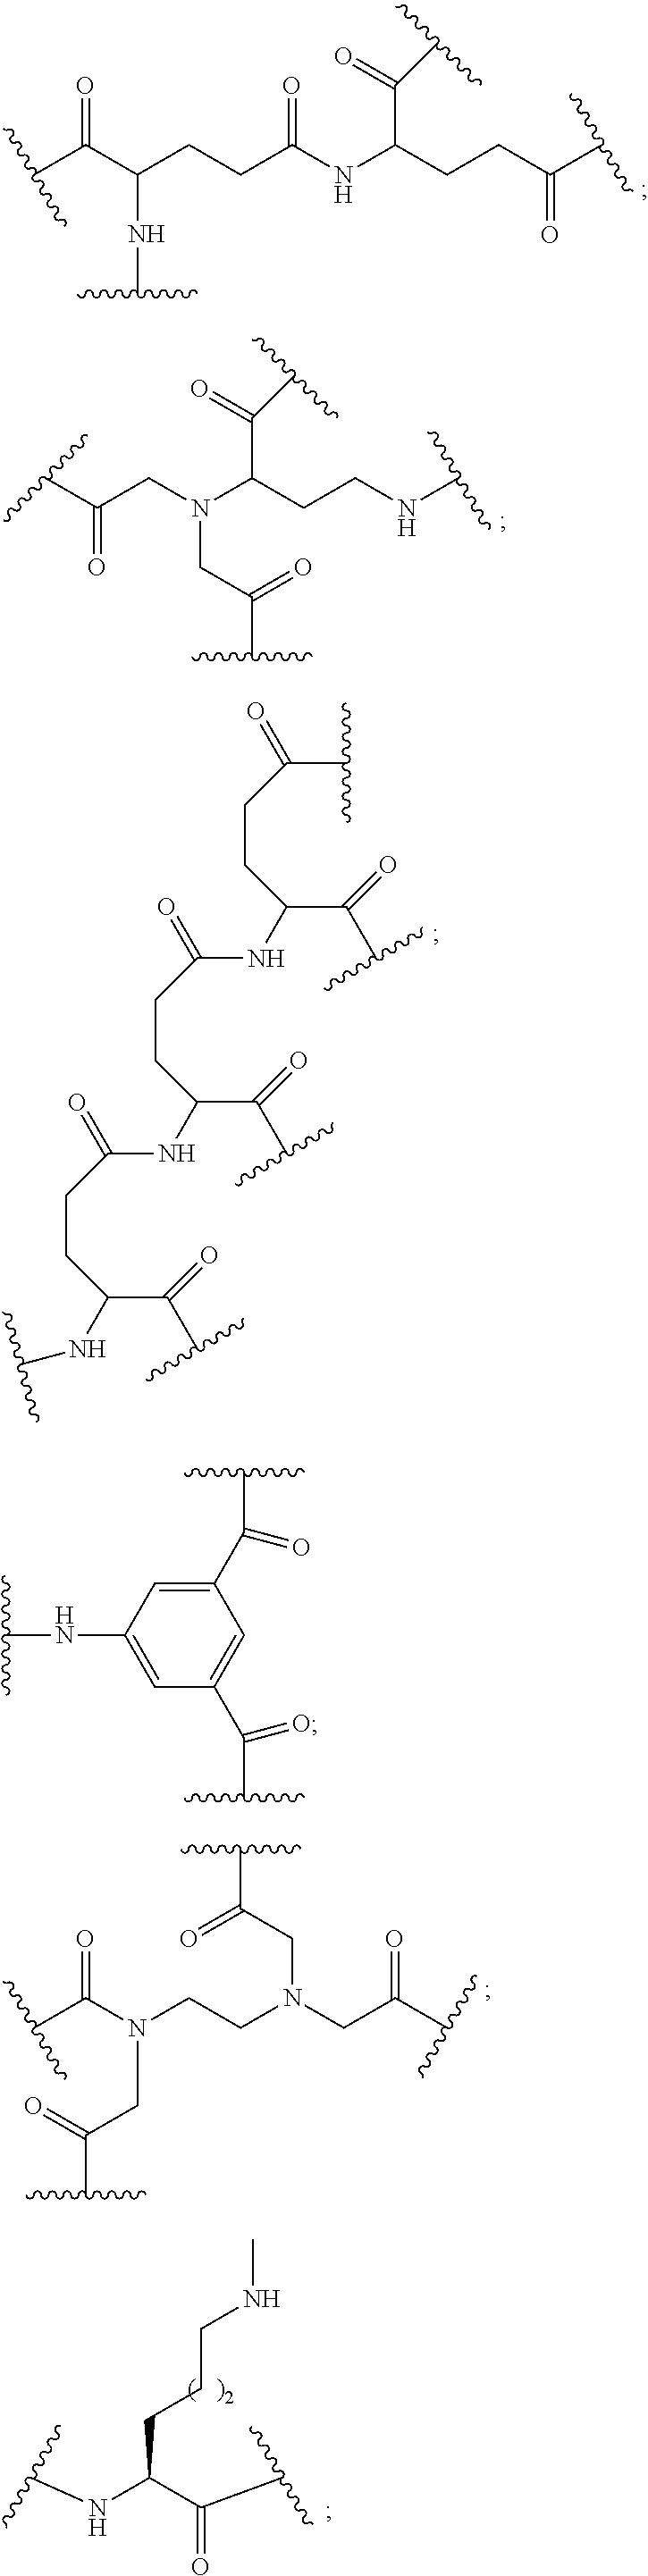 Figure US09943604-20180417-C00043